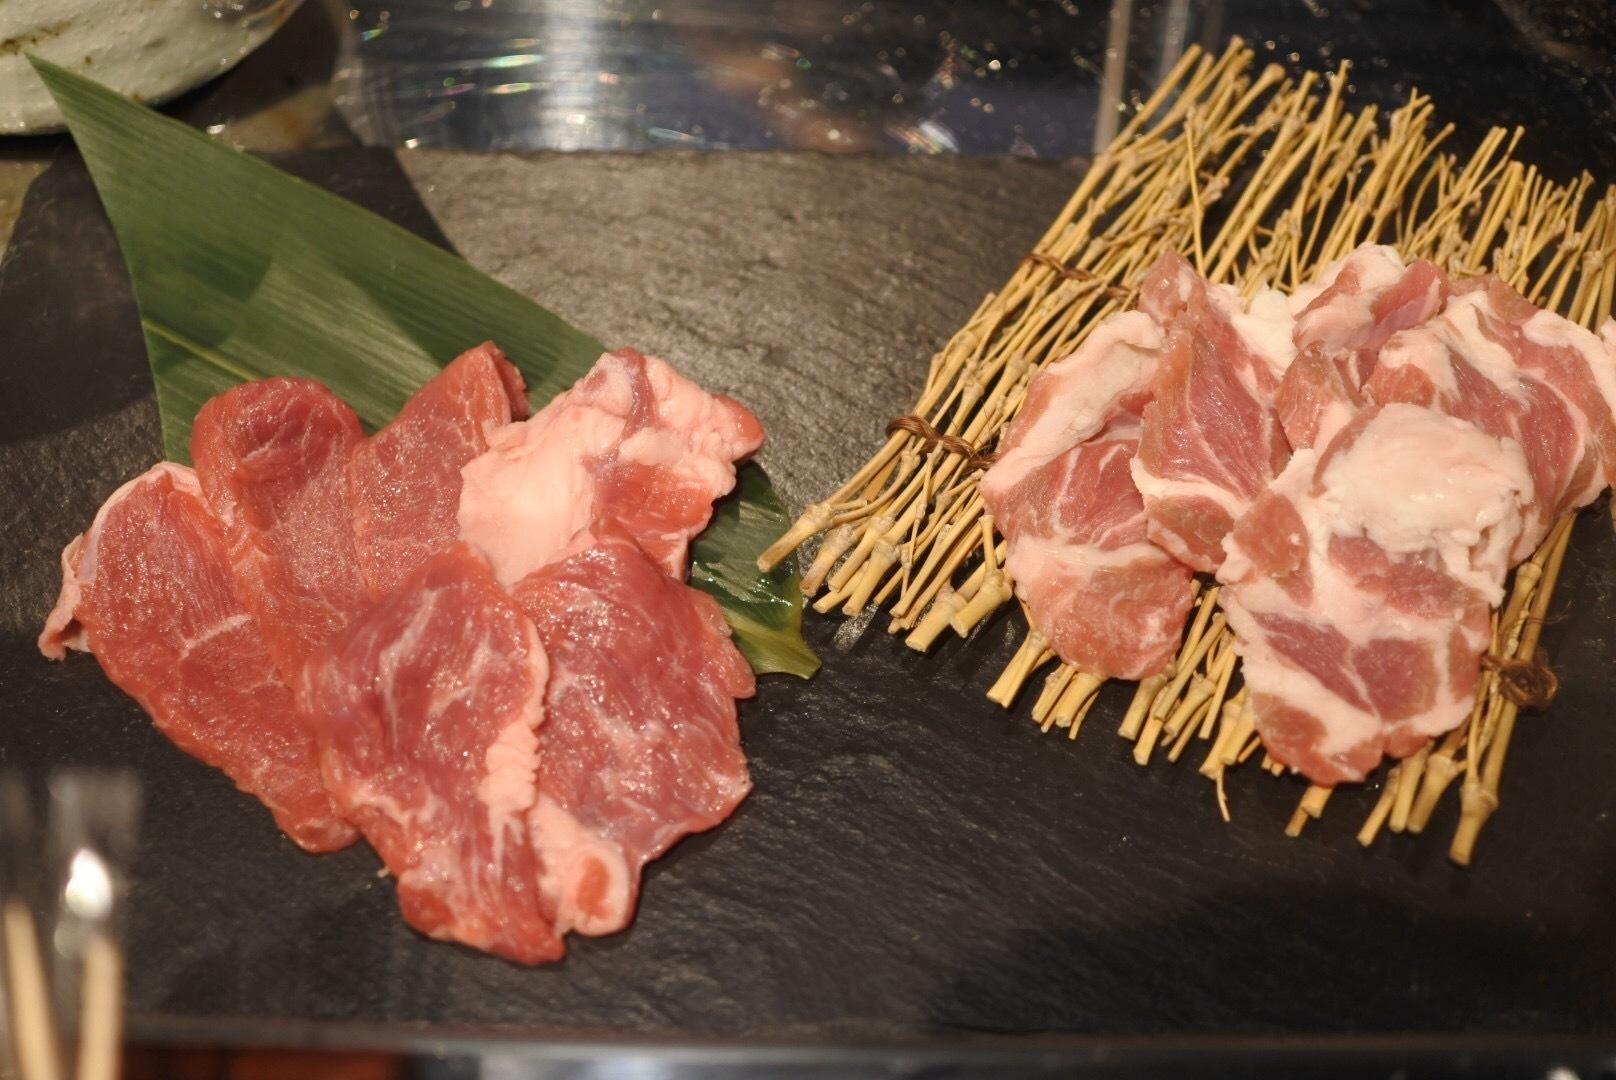 松戸高級焼肉:松戸ジンギスカン倶楽部 道